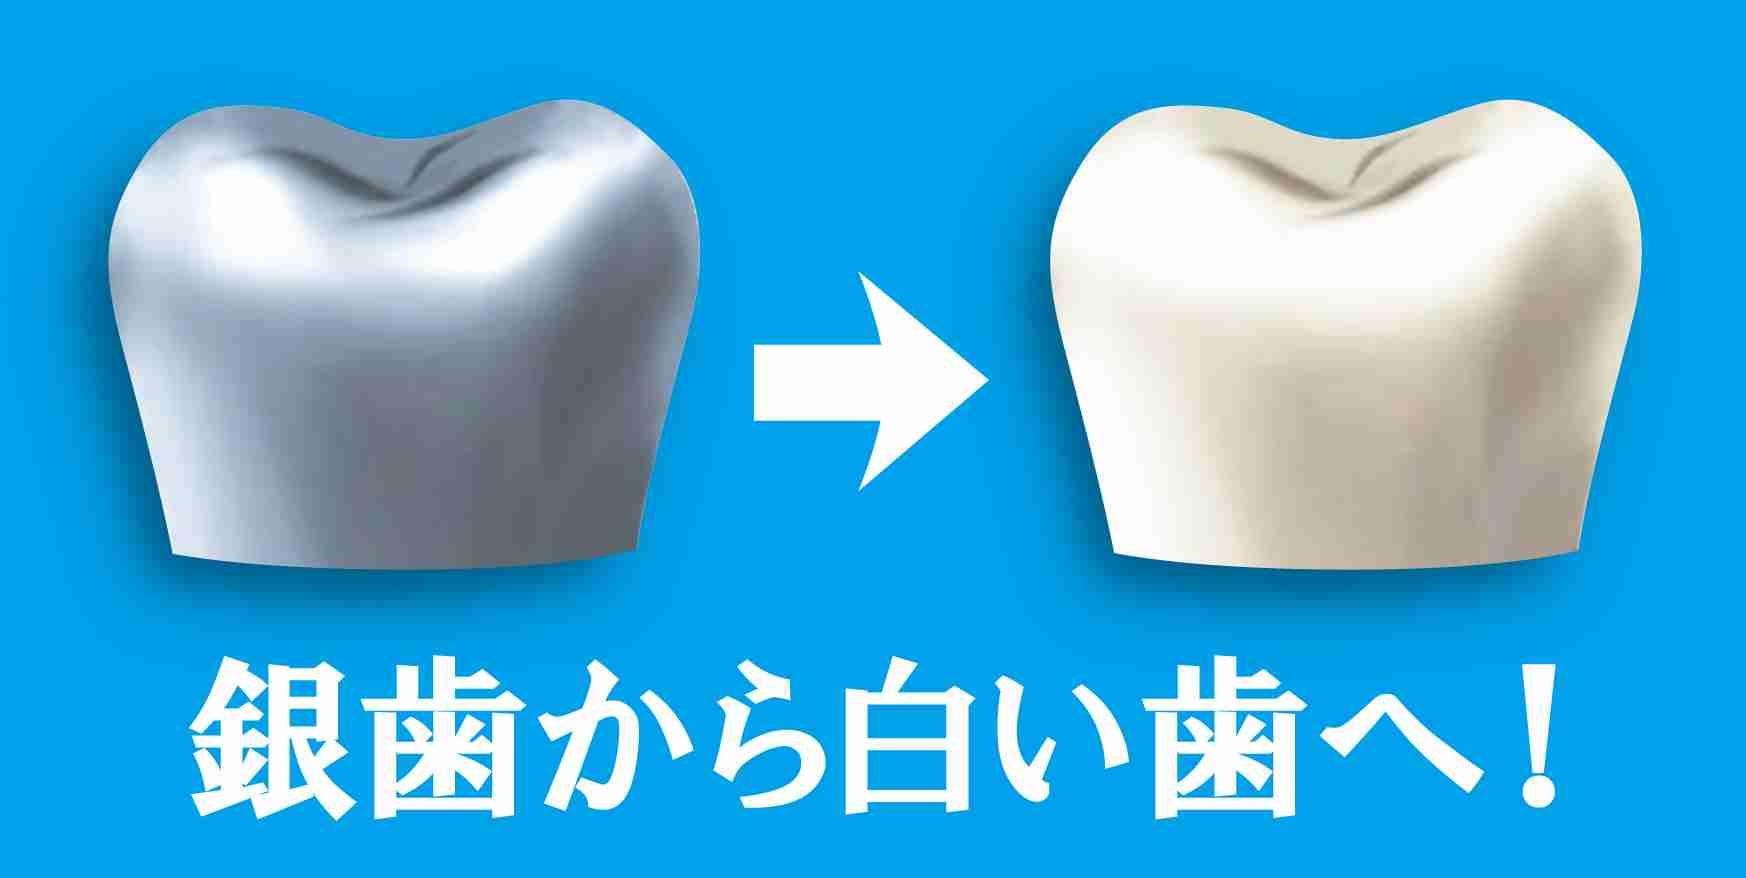 銀歯ある子のことどう思いますか?